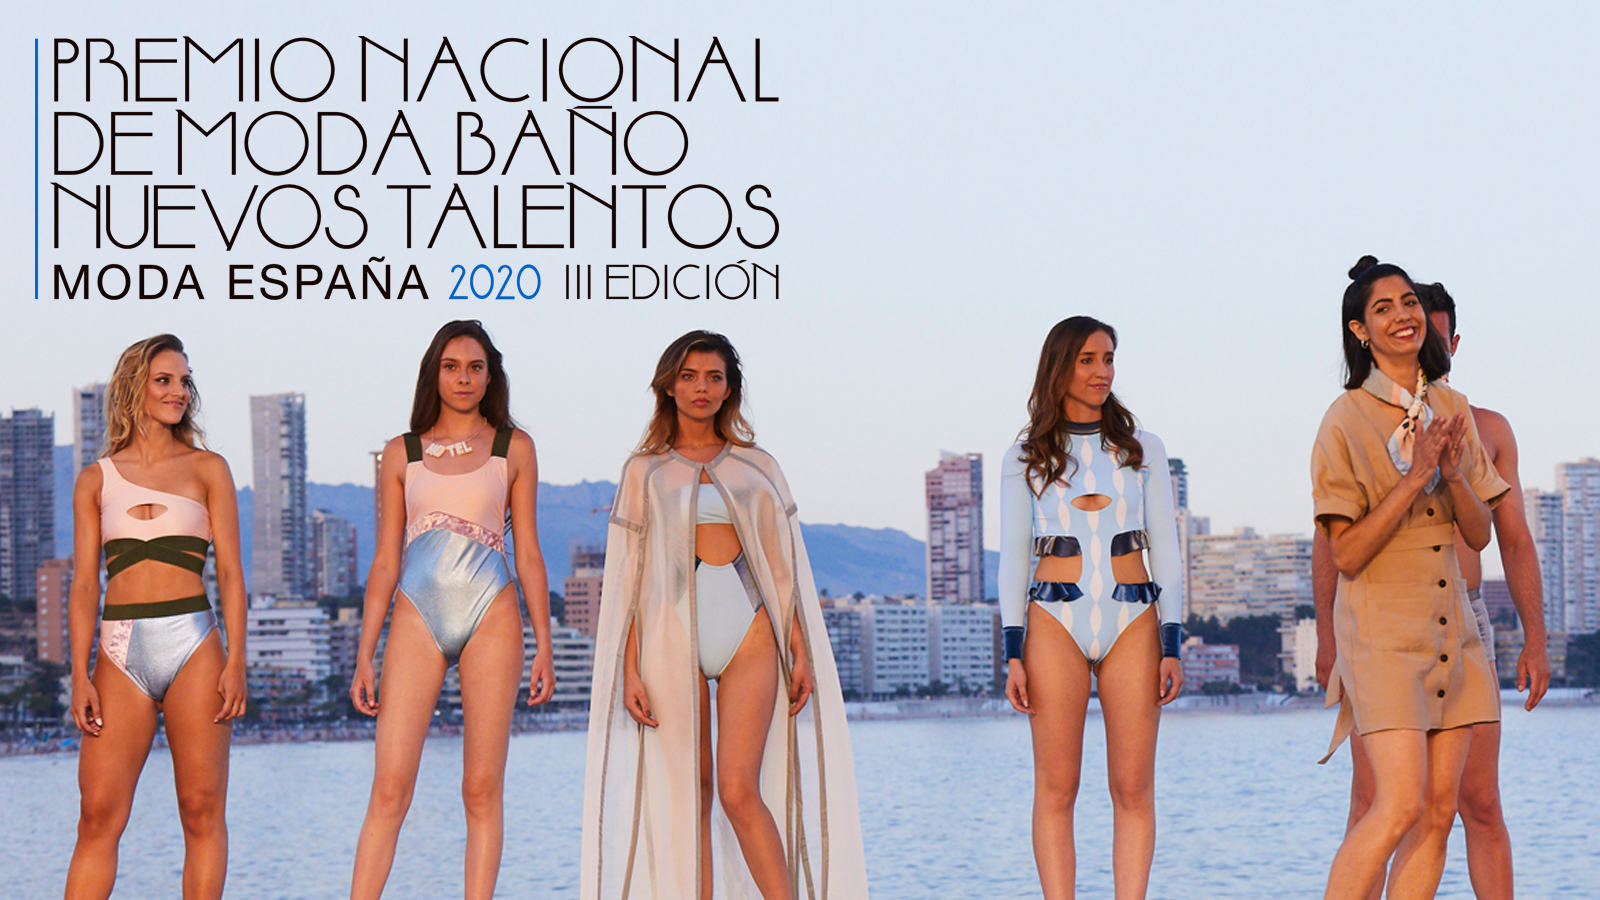 Llega la III edición del Premio Nacional de Moda Baño 2020